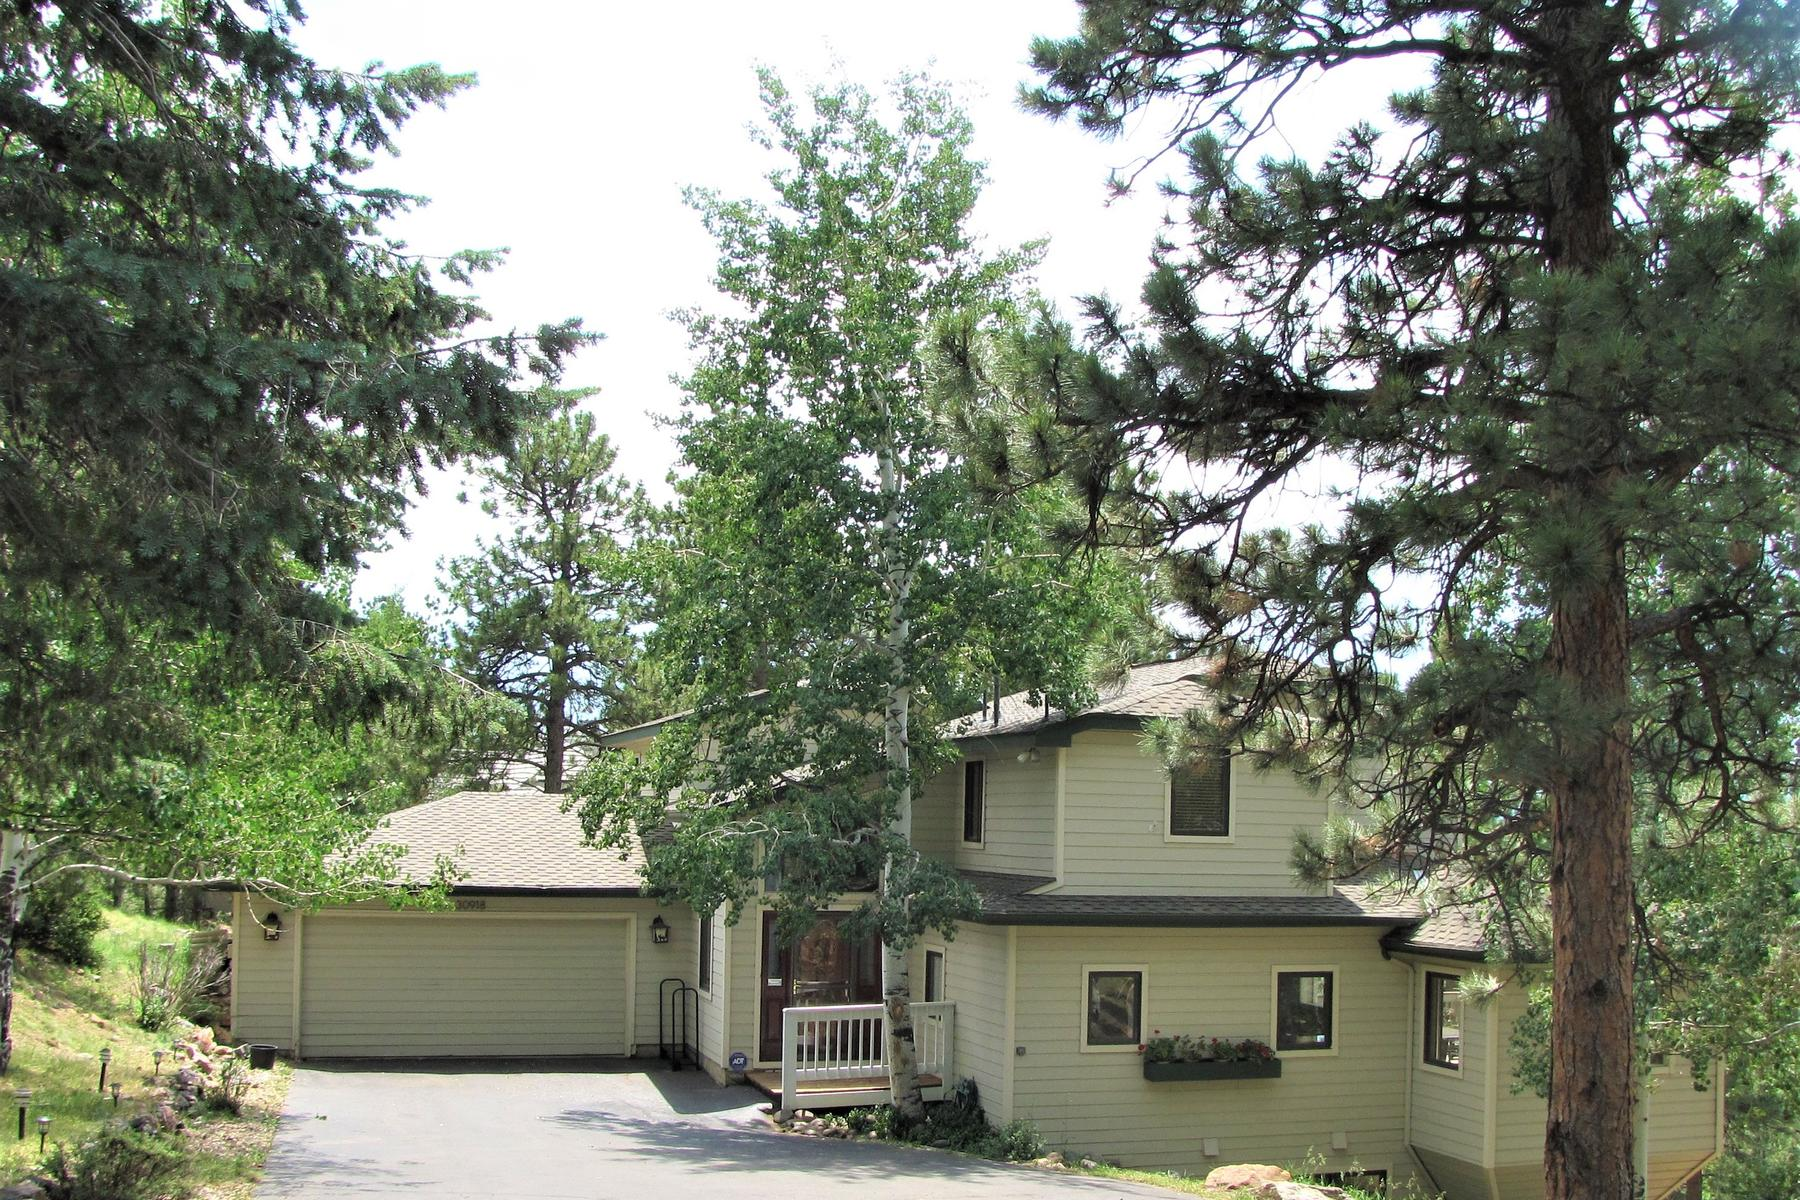 Частный односемейный дом для того Продажа на South Facing with Towering Mountain Views 30918 Idlewild Lane Evergreen, Колорадо, 80439 Соединенные Штаты